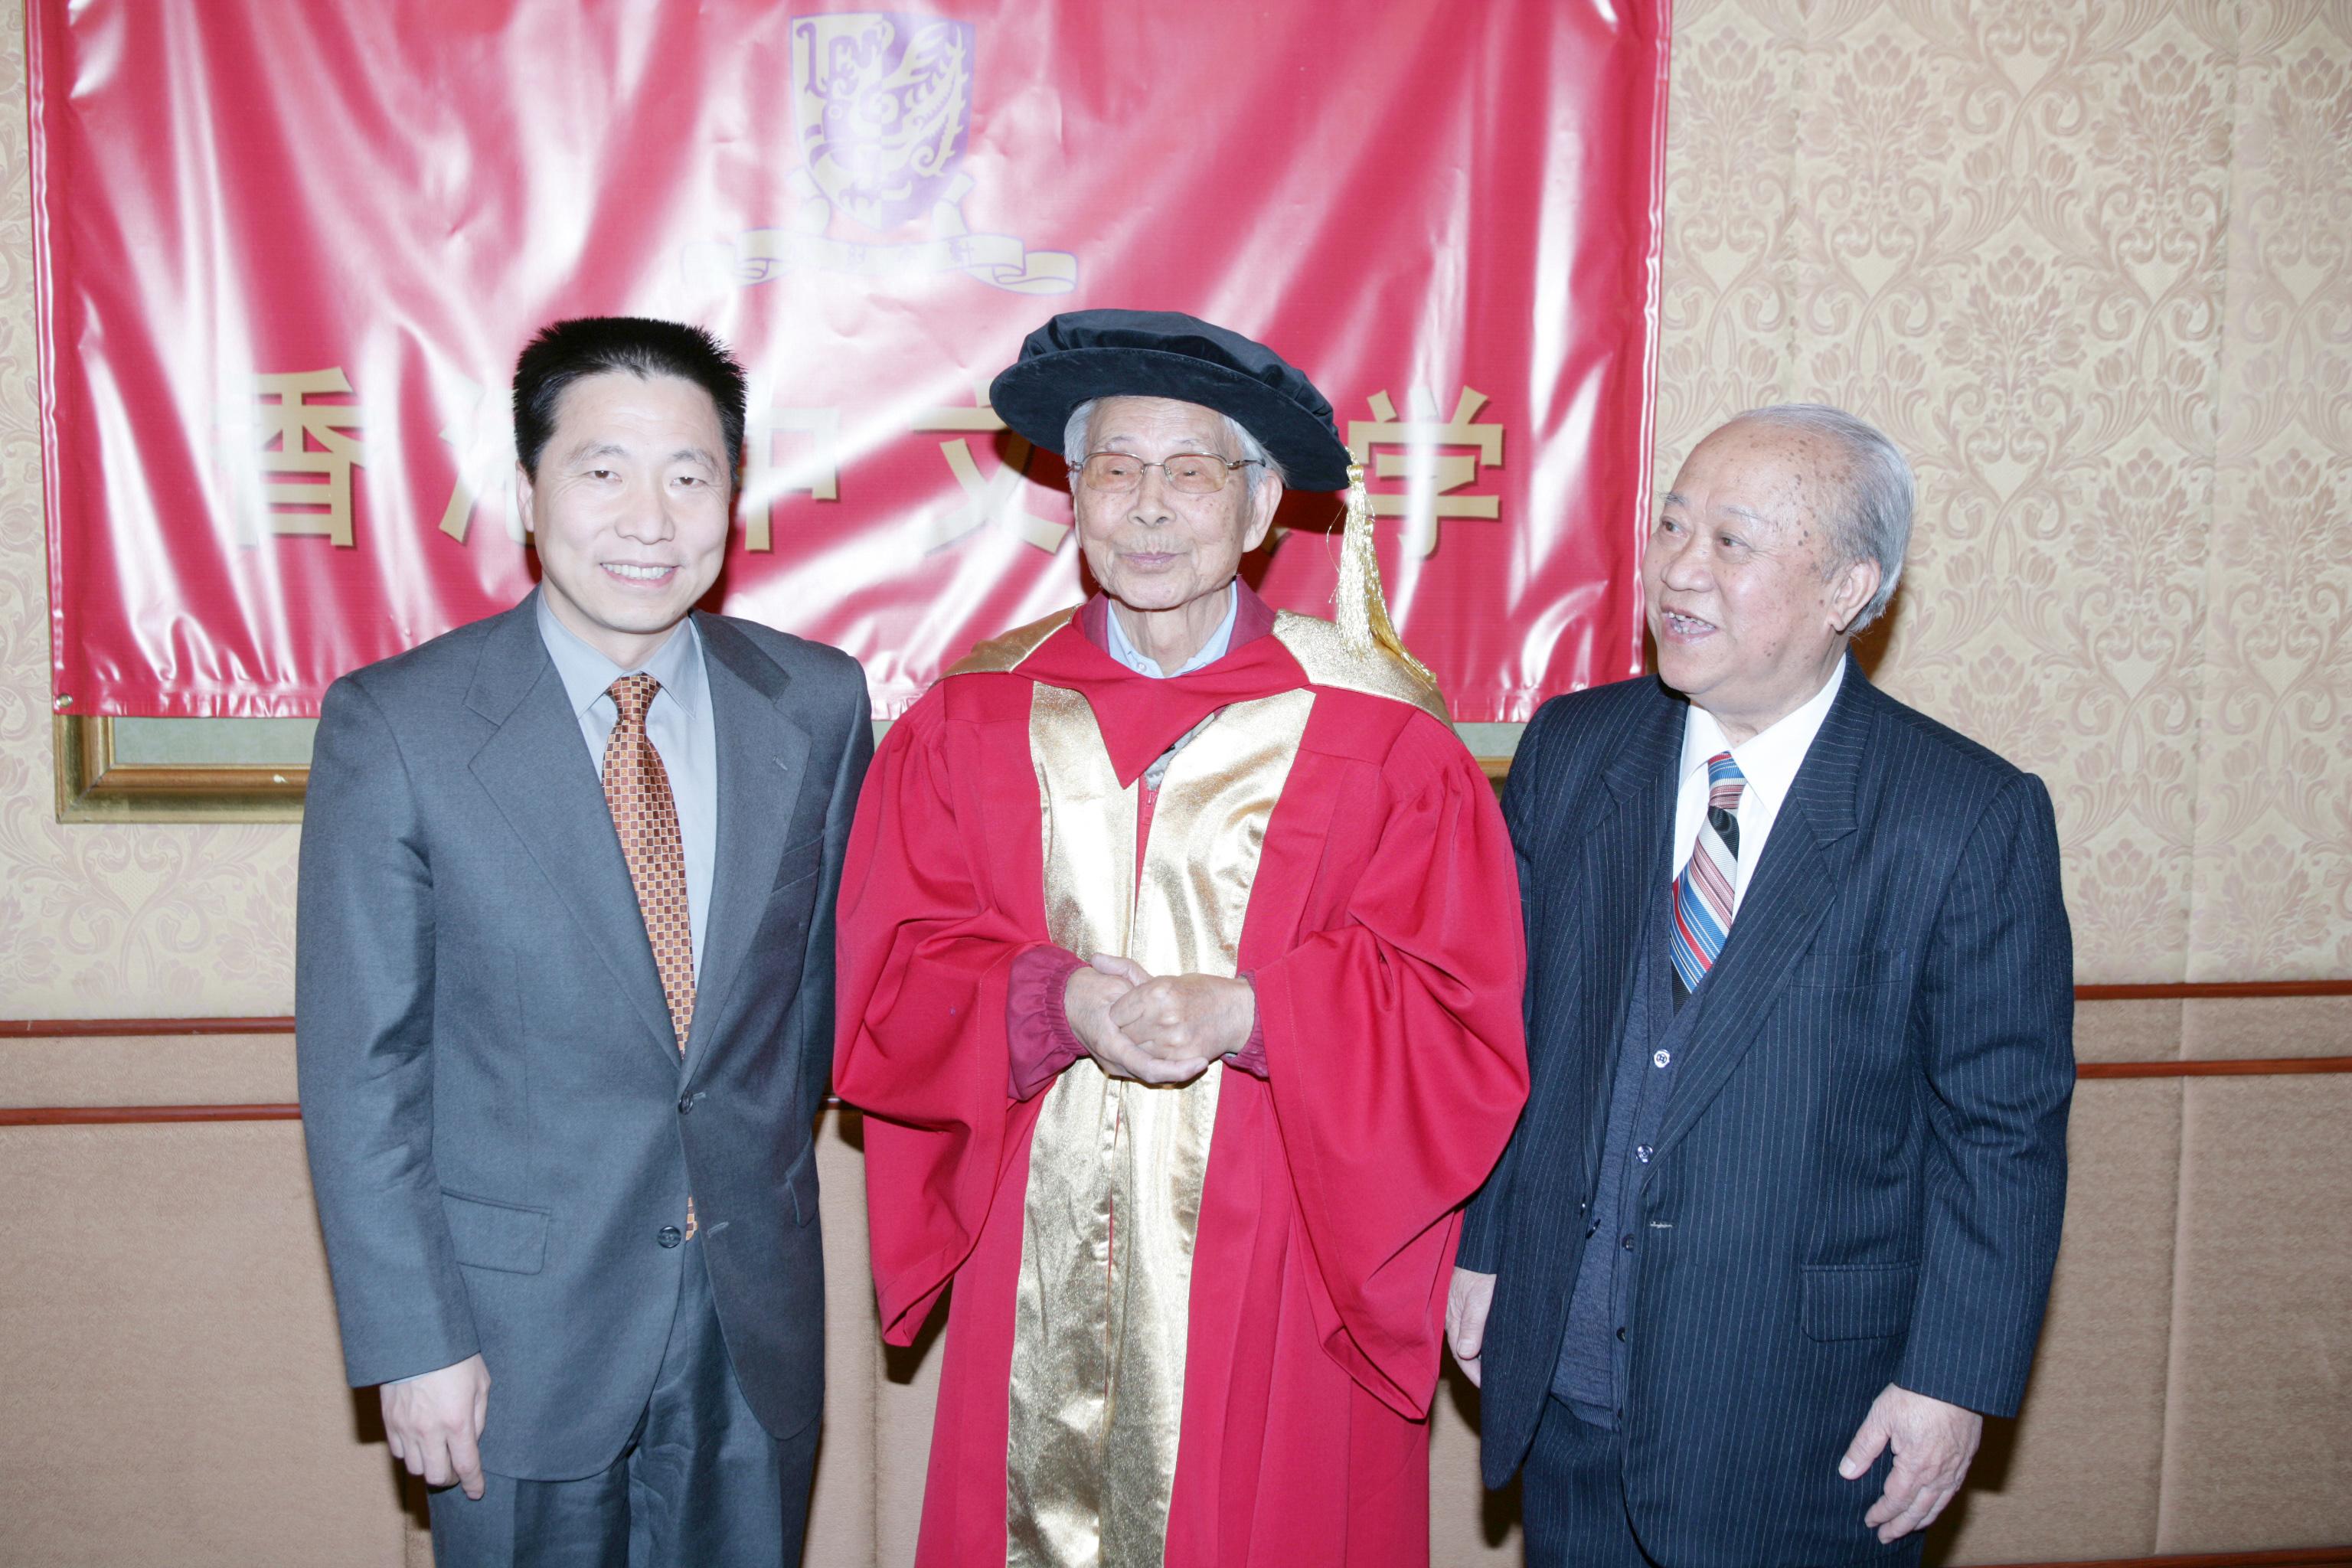 楊利偉博士與陳述彭教授向吳冠中教授致賀。